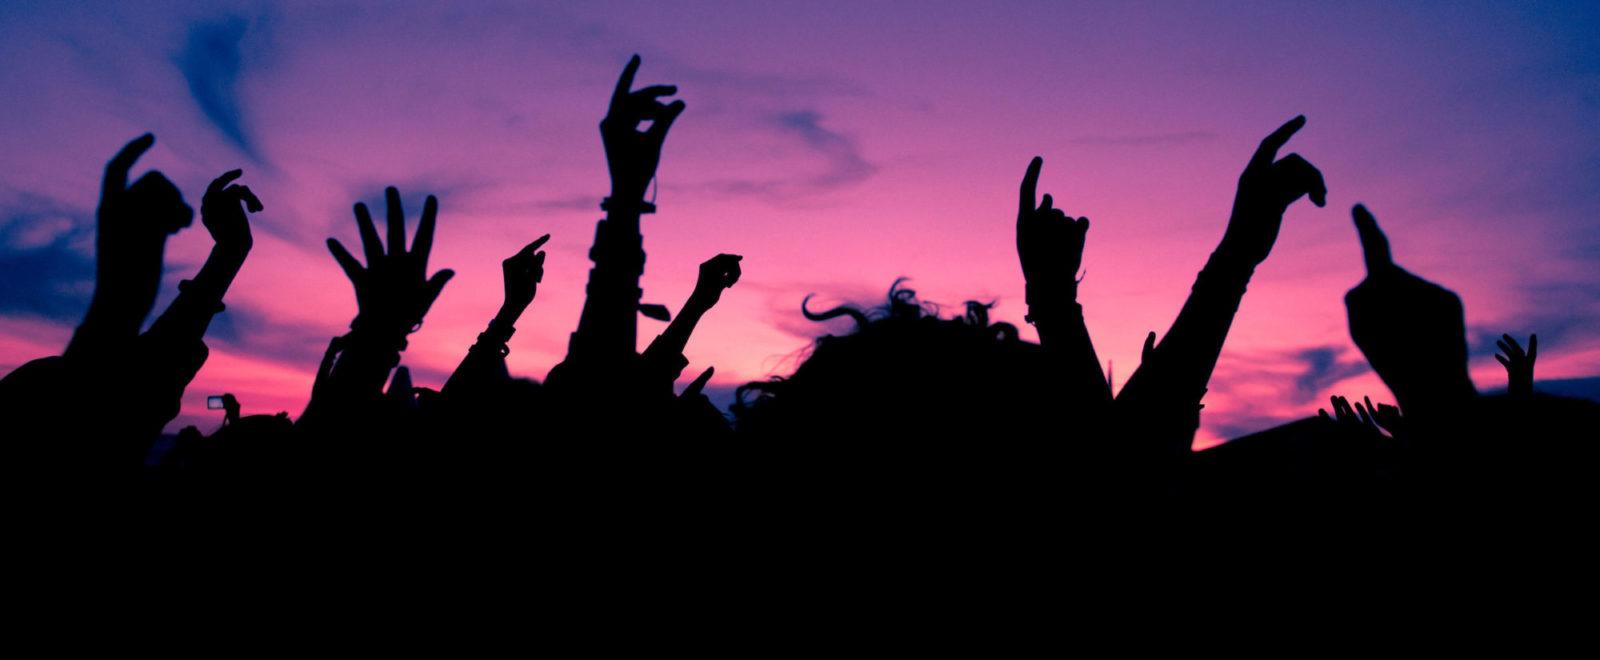 Dejting Halmstad   Hitta krleken bland singelfrldrar